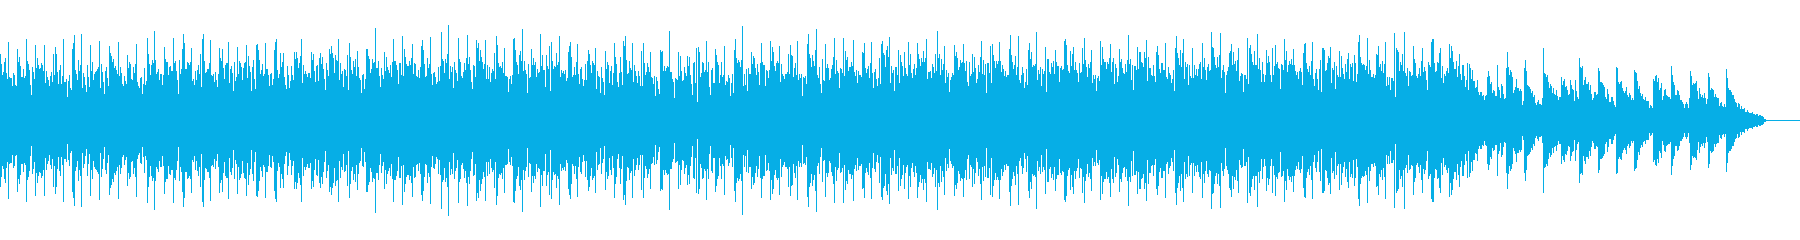 夏の終わりの海岸のイメージのチルアウト曲の再生済みの波形